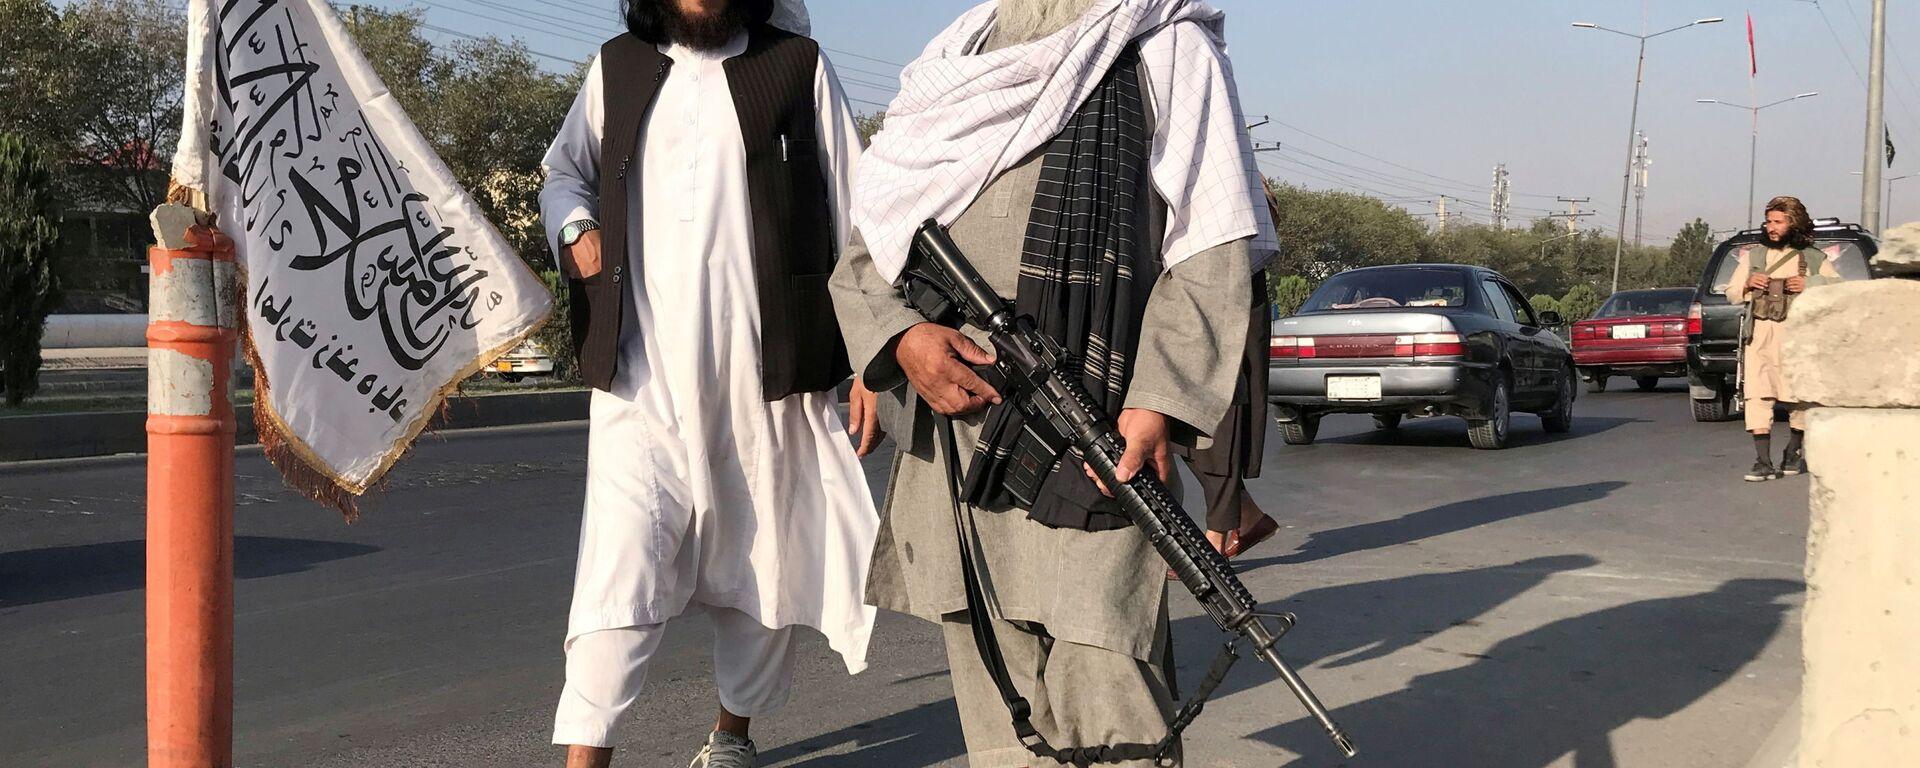 Боевик Талибана* с американской винтовкой M16 в Кабуле - Sputnik Таджикистан, 1920, 18.08.2021